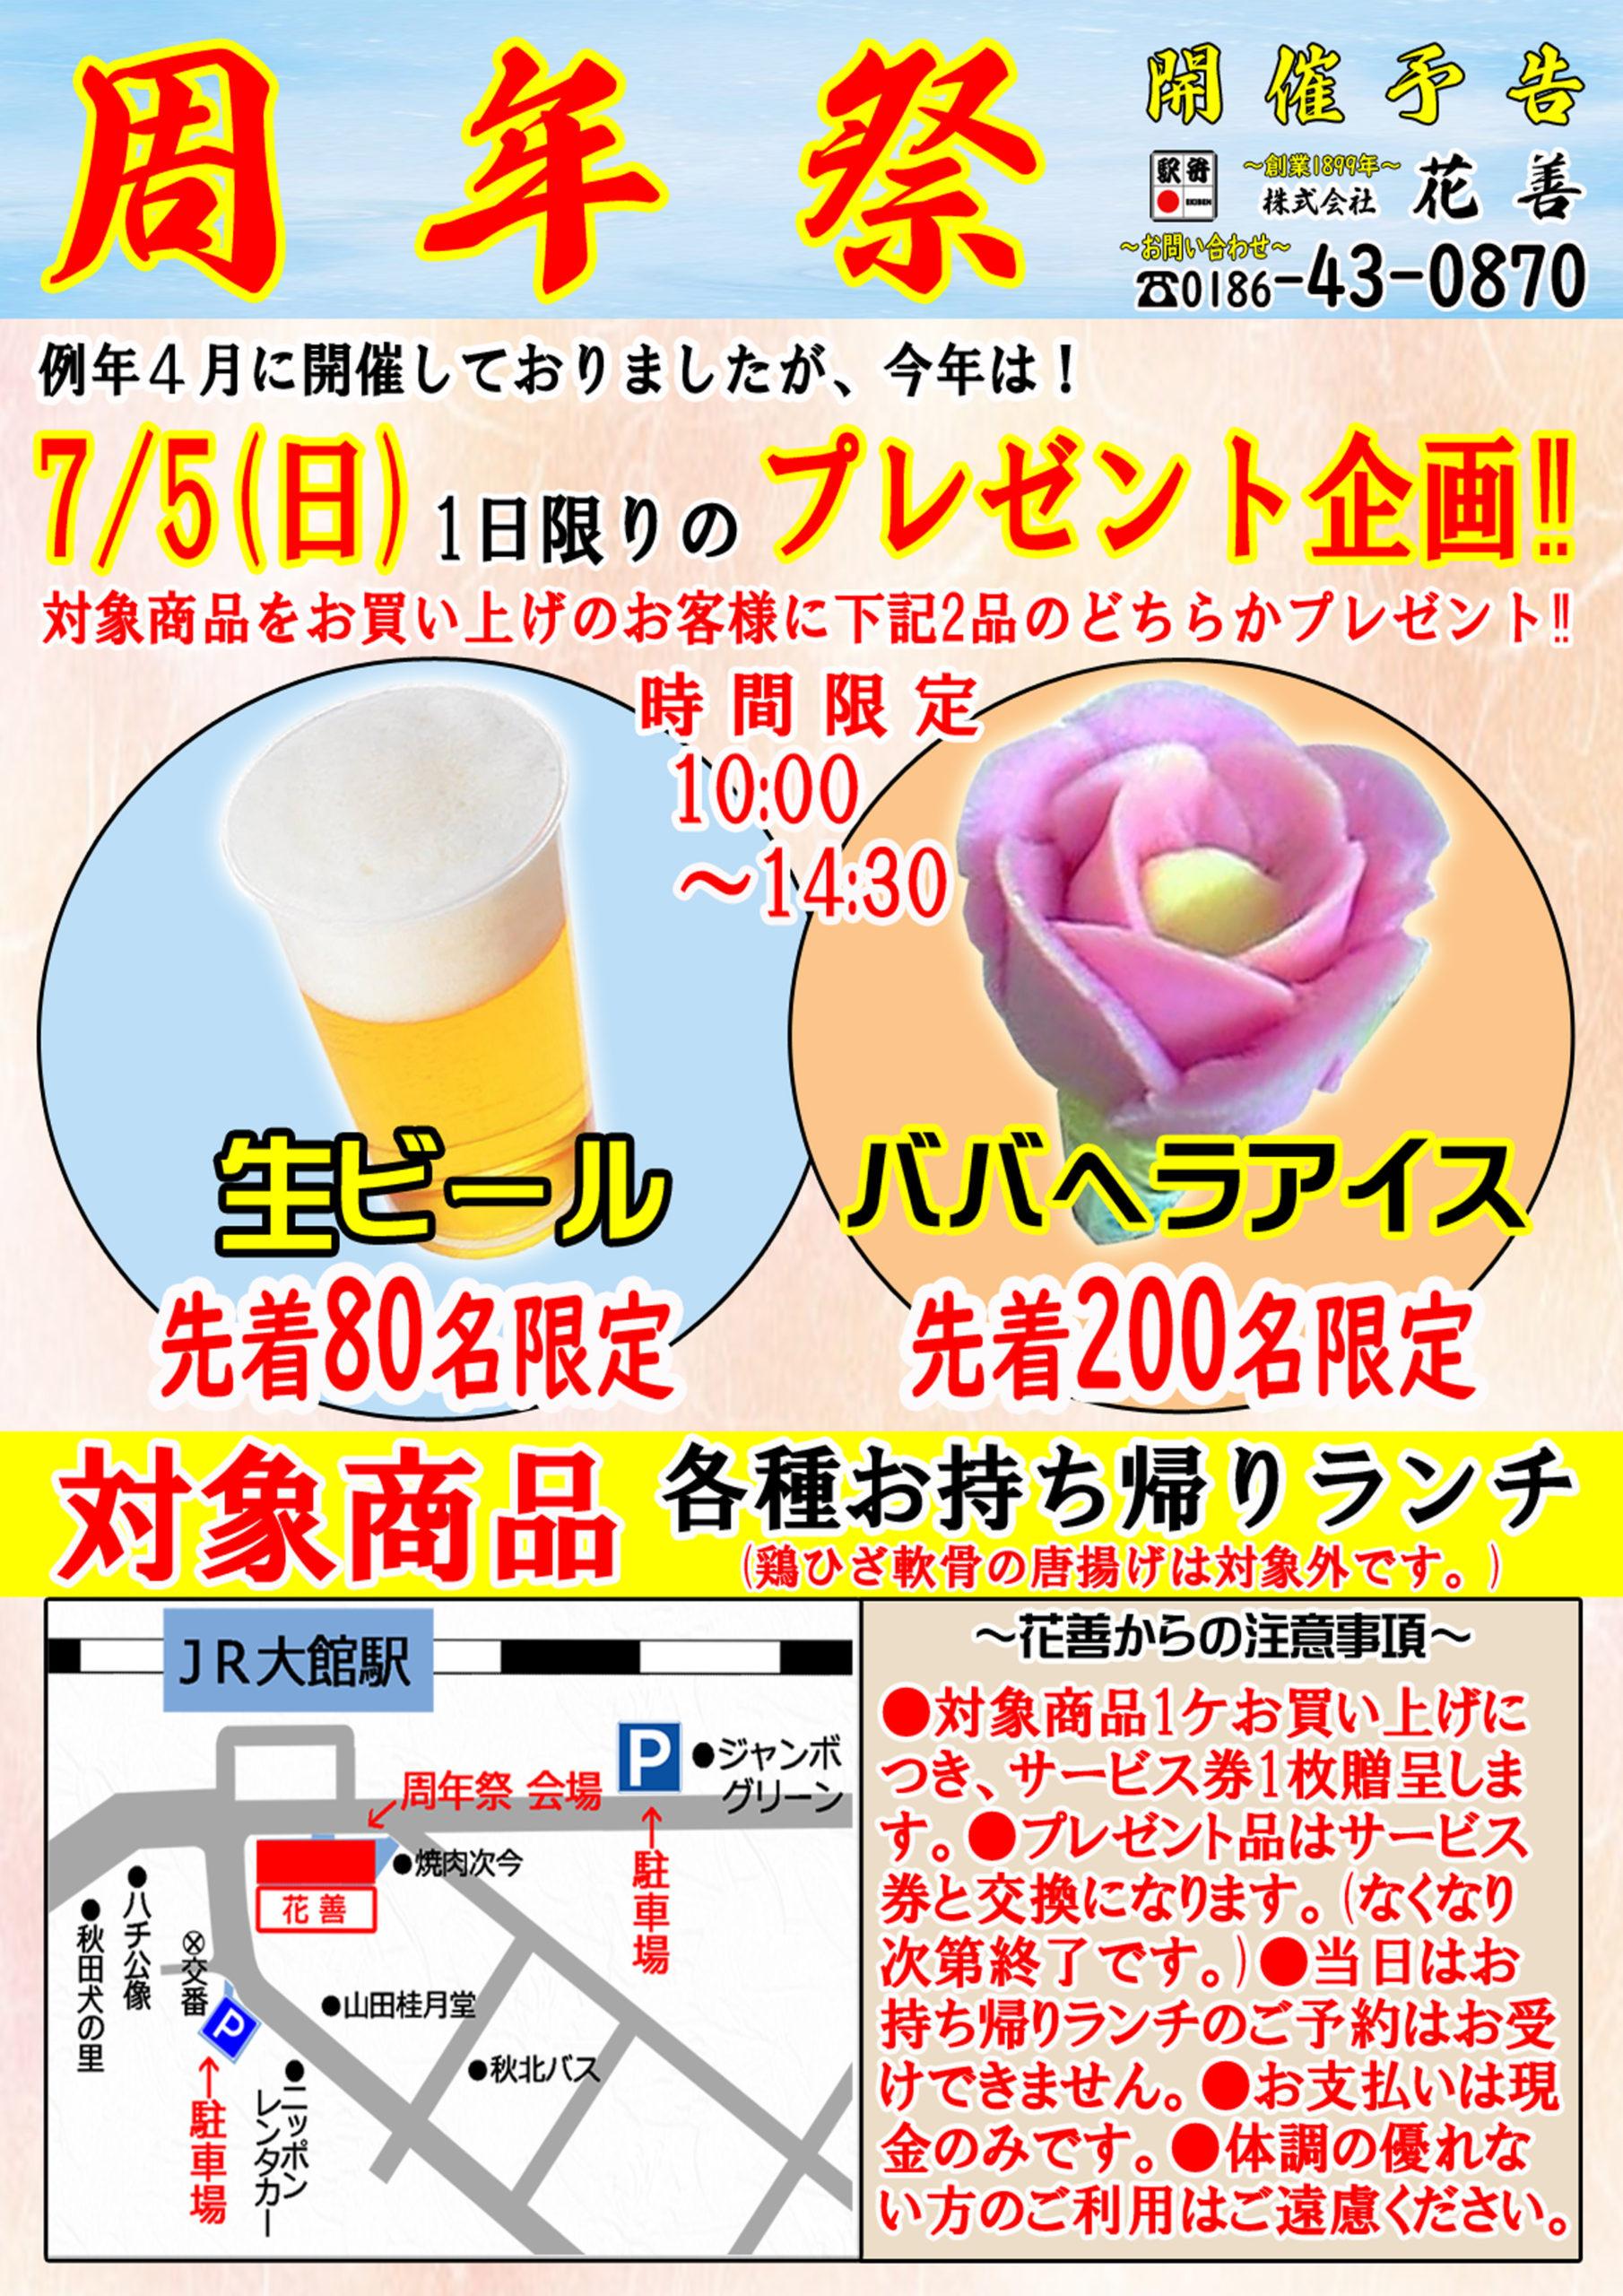 7/5(日) オープンテラスで周年祭♪